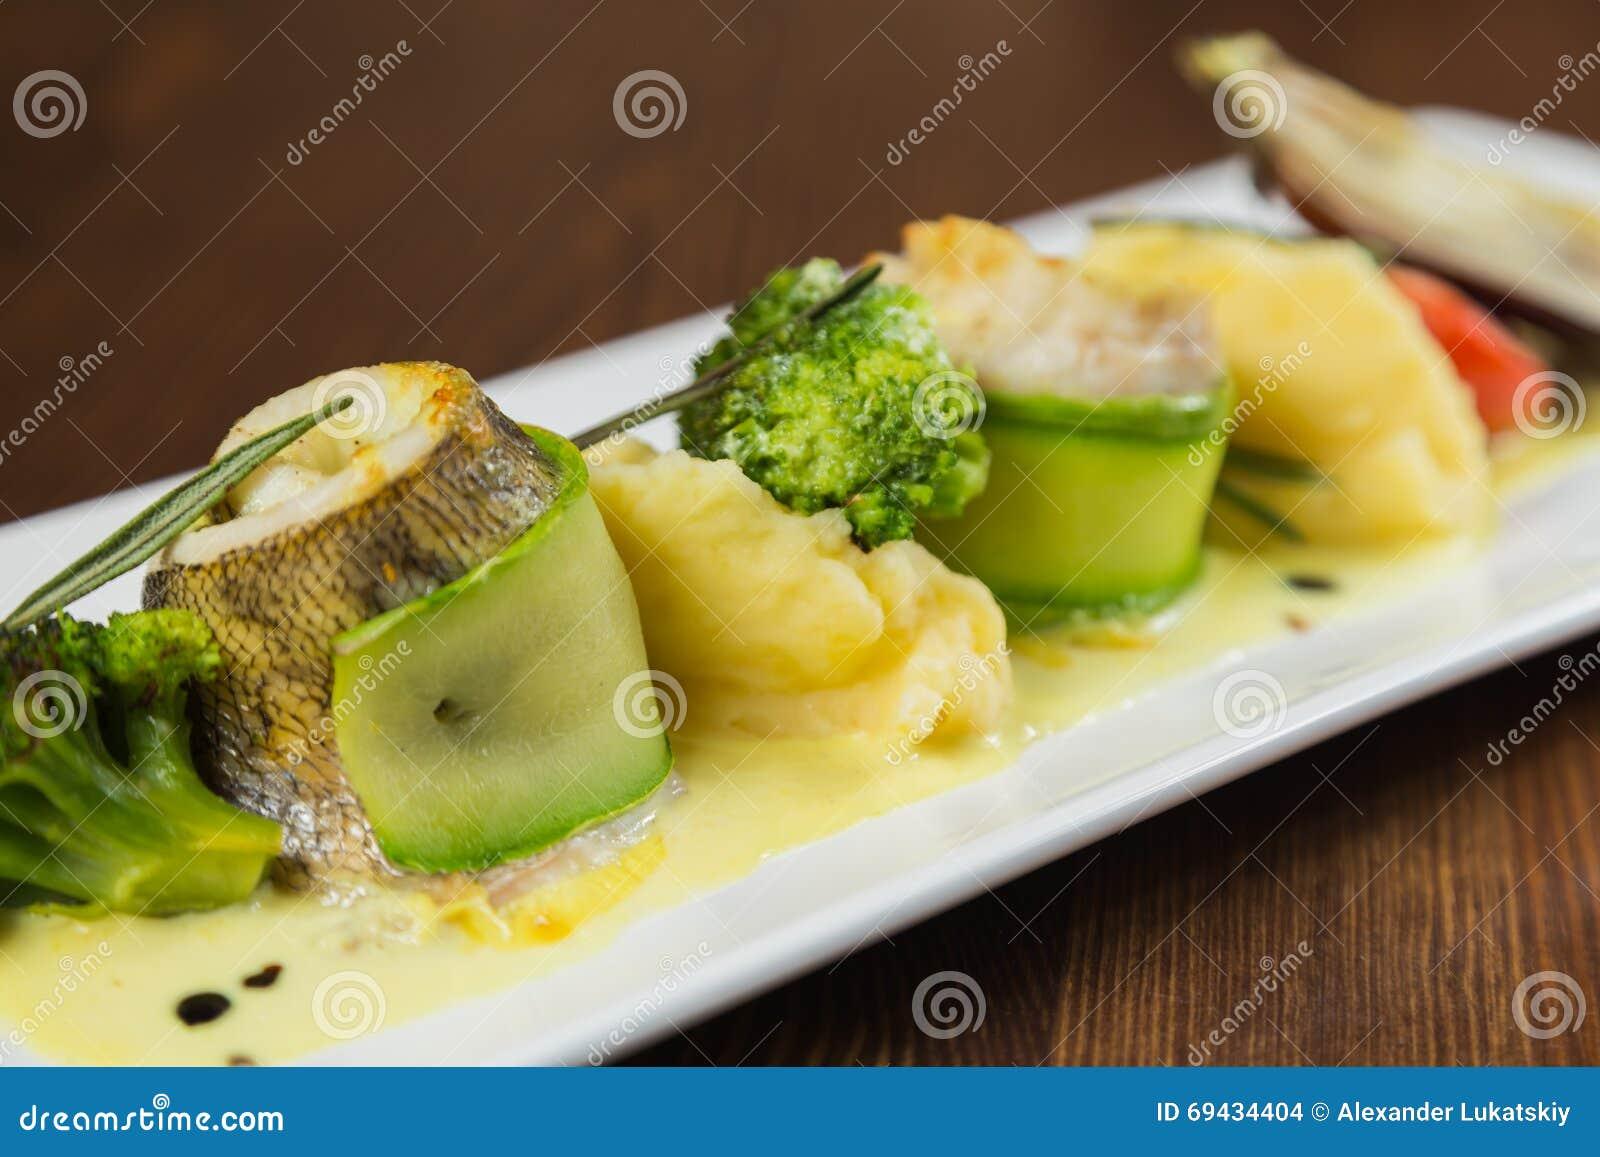 platos de dieta apetitososa